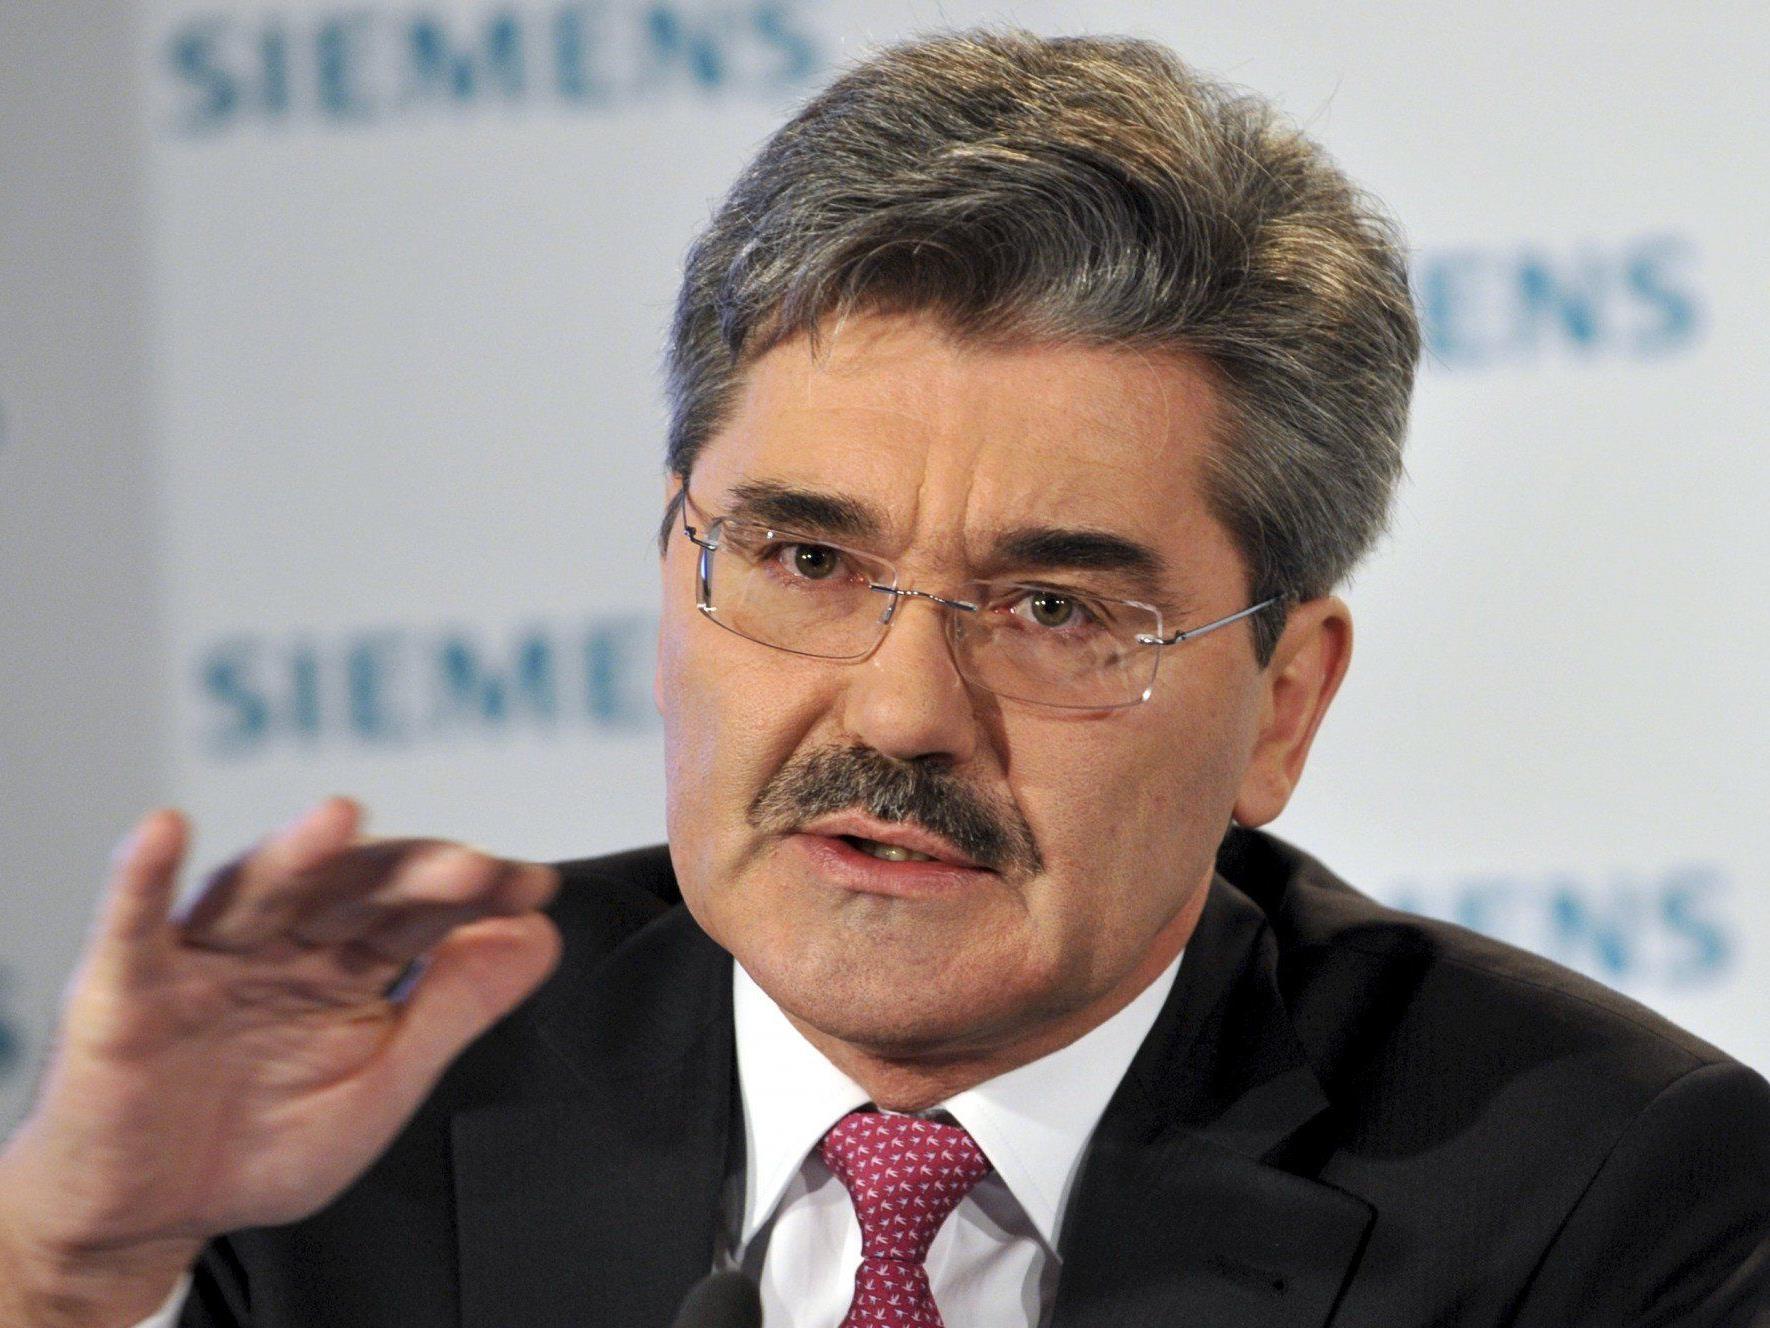 Joe Kaeser löst Siemens-Vorstandschef Löscher ab.